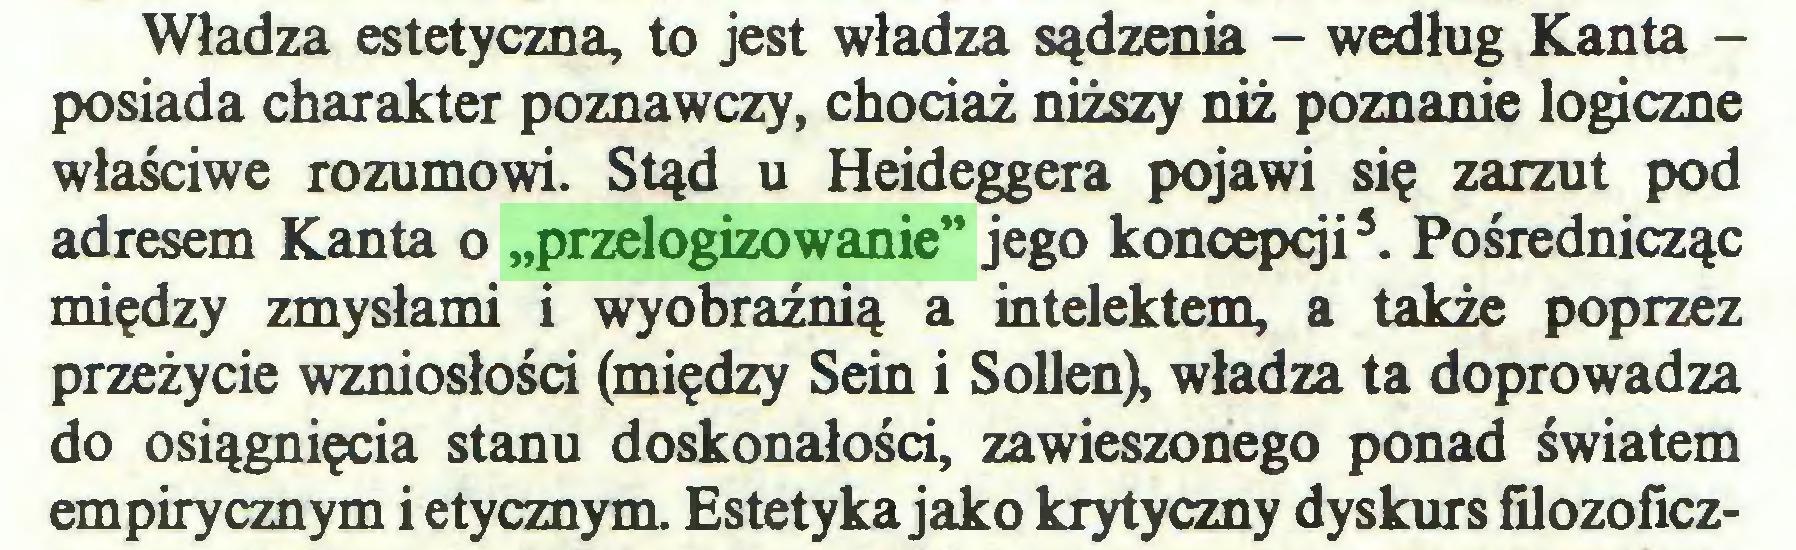 """(...) Władza estetyczna, to jest władza sądzenia - według Kanta posiada charakter poznawczy, chociaż niższy niż poznanie logiczne właściwe rozumowi. Stąd u Heideggera pojawi się zarzut pod adresem Kanta o """"przelogizowanie"""" jego koncepcji3. Pośrednicząc między zmysłami i wyobraźnią a intelektem, a także poprzez przeżycie wzniosłości (między Sein i Sollen), władza ta doprowadza do osiągnięcia stanu doskonałości, zawieszonego ponad światem empirycznym i etycznym. Estetyka jako krytyczny dyskurs filozoficz..."""